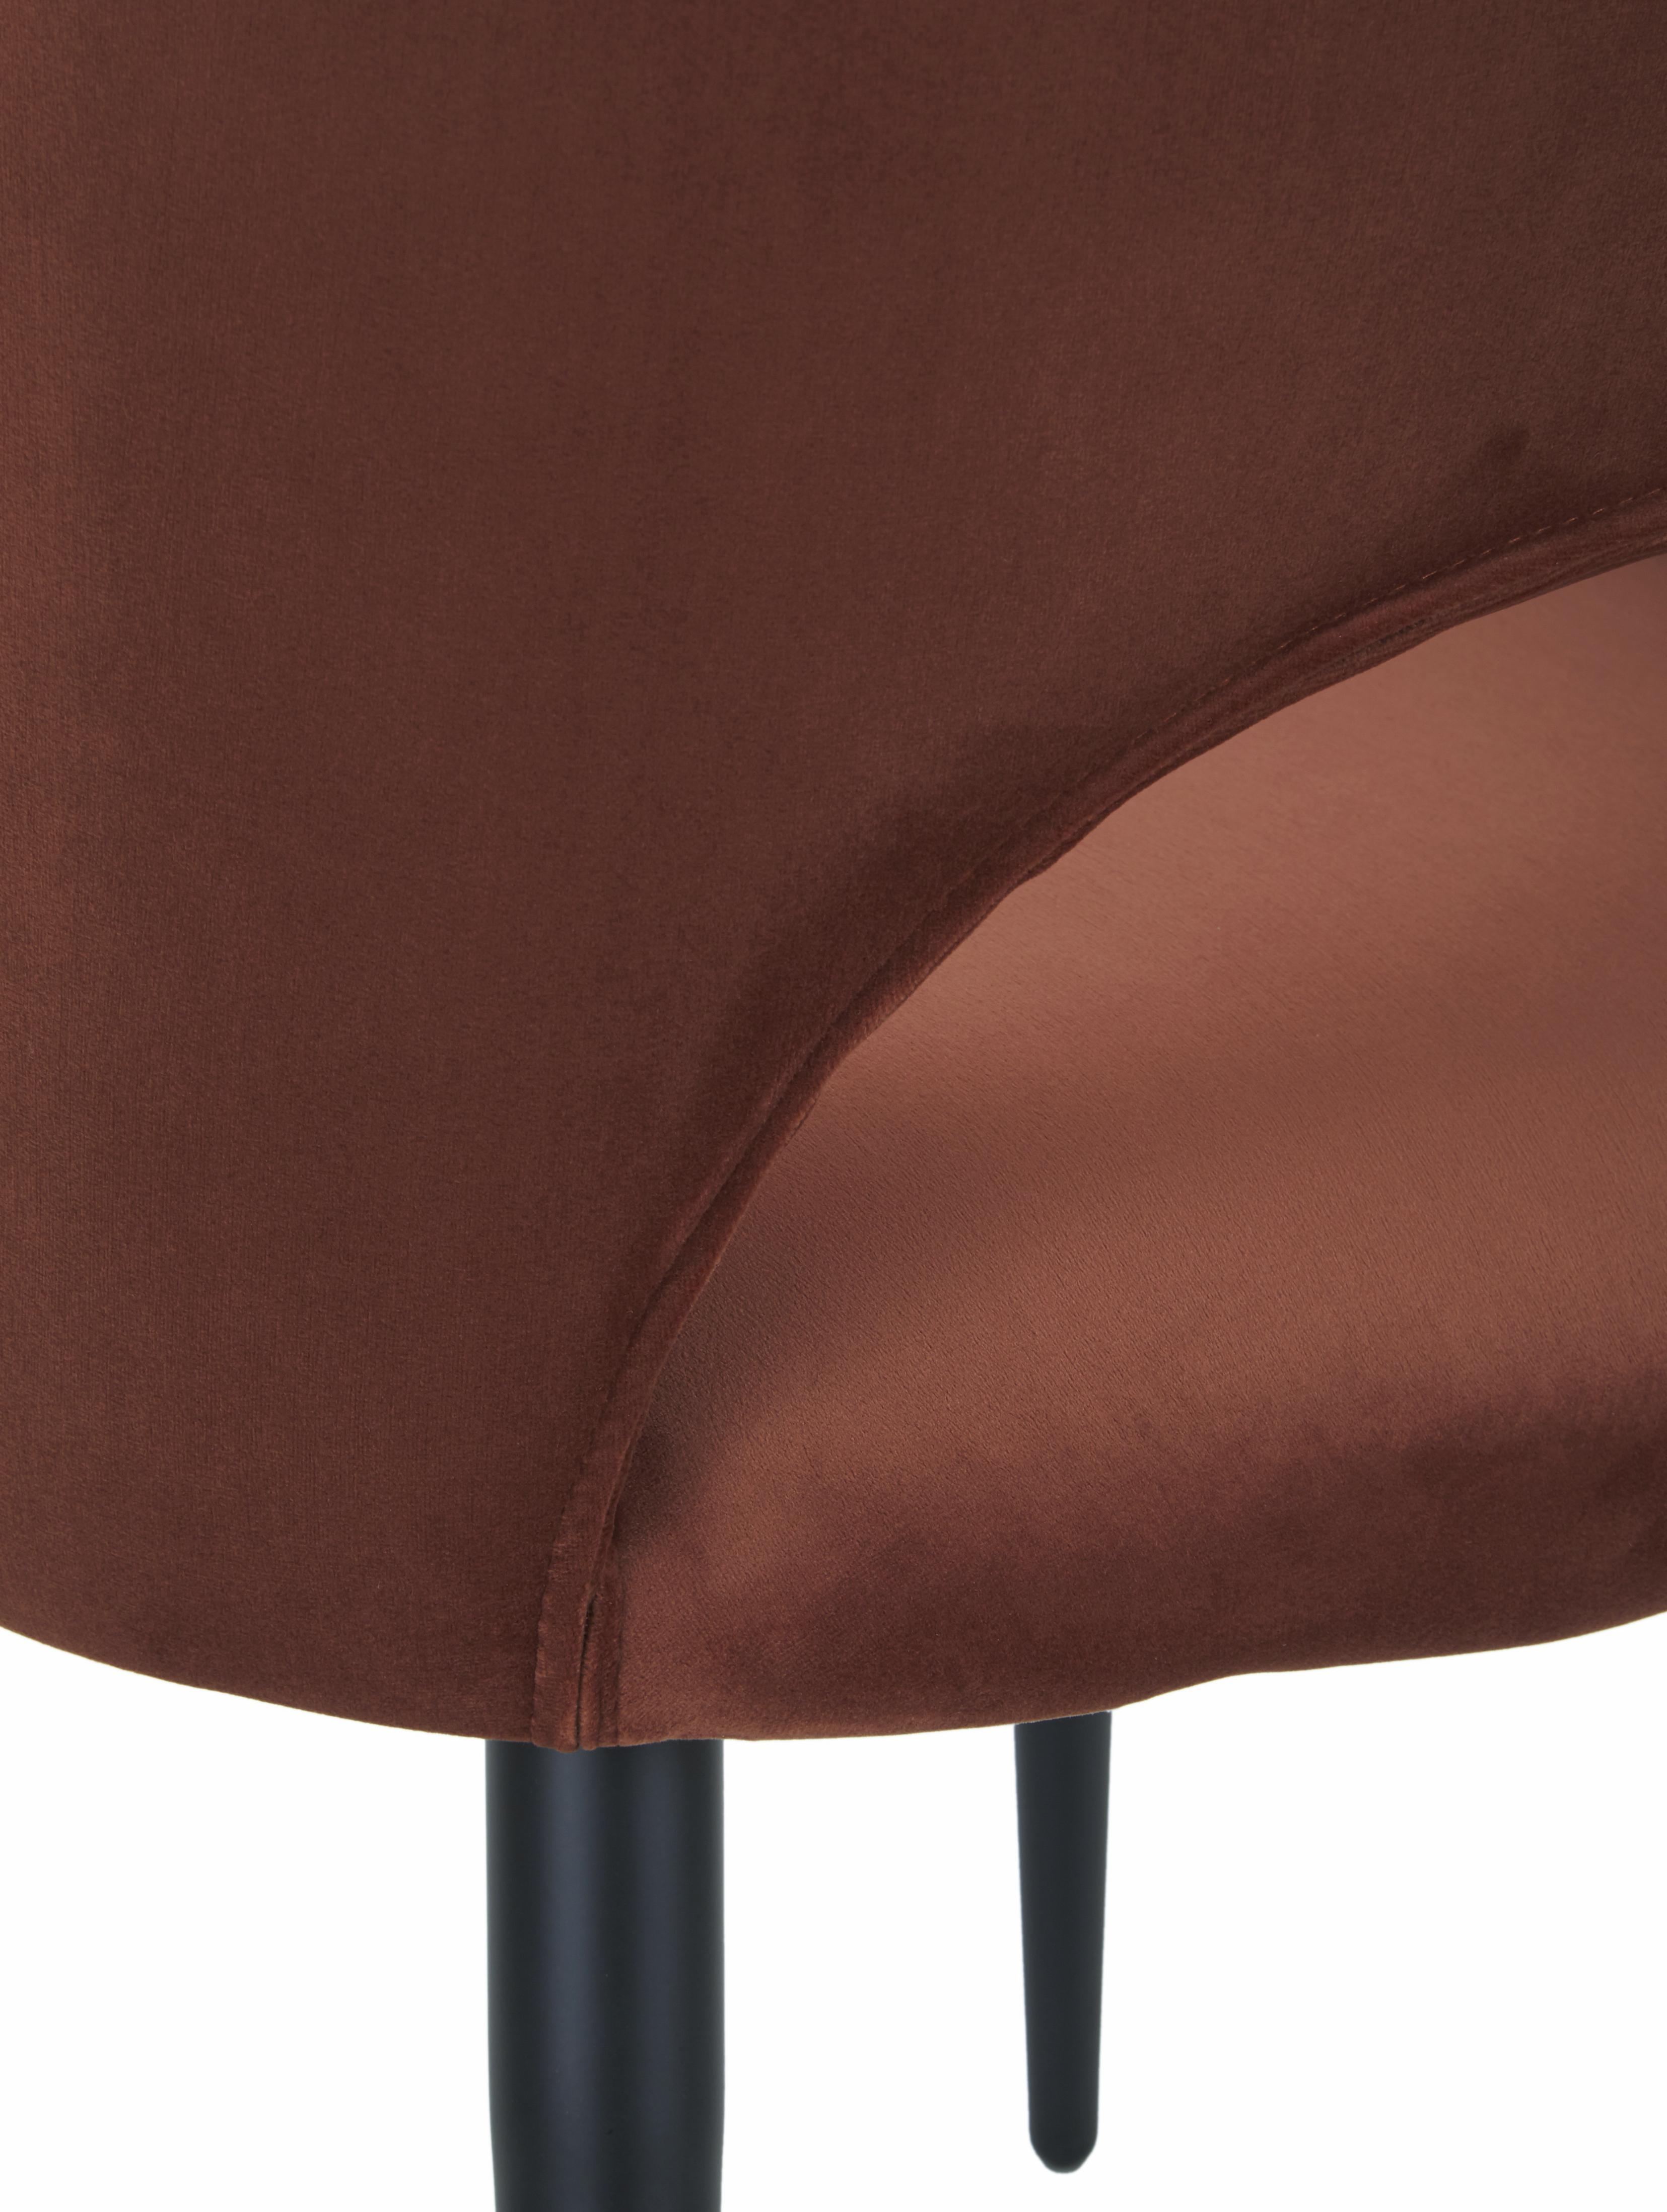 Silla con reposabrazos de terciopelo Rachel, Tapizado: terciopelo (poliéster) 50, Patas: metal con pintura en polv, Terciopelo marrón, An 47 x F 64 cm